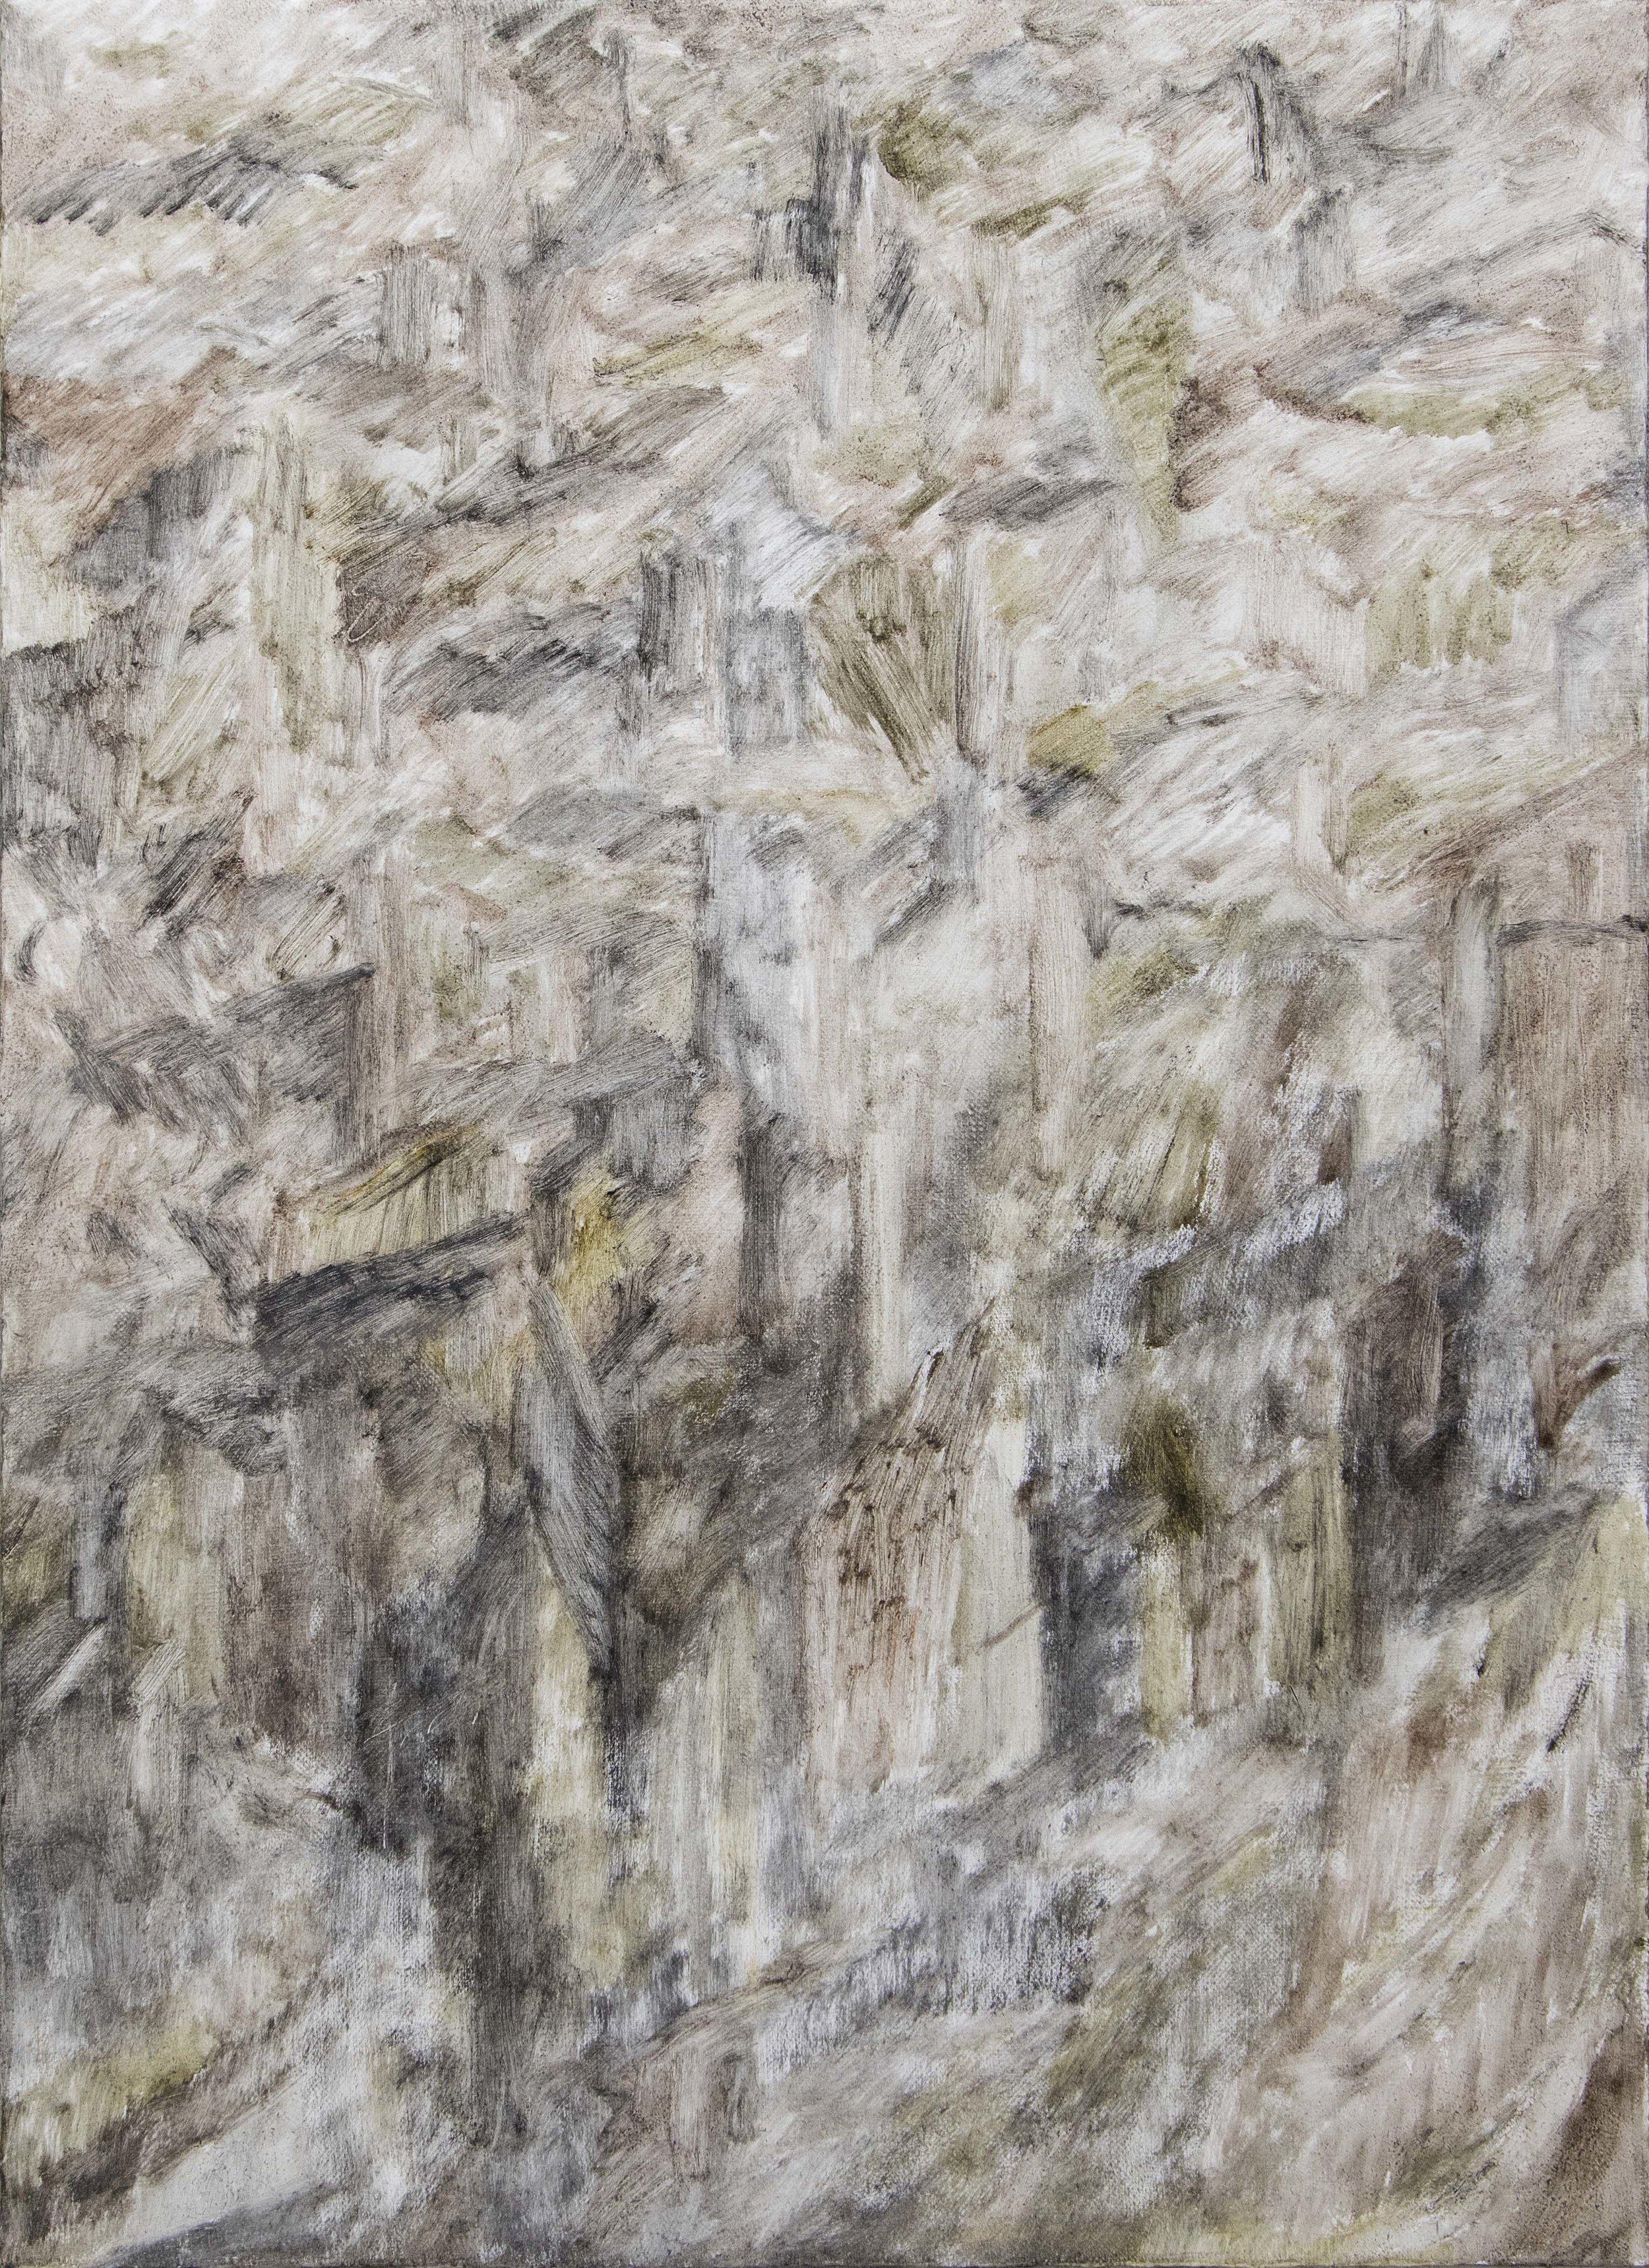 Tim Buckovic, Field on fine red dust , 2017, oil on linen 56 x 41 cm